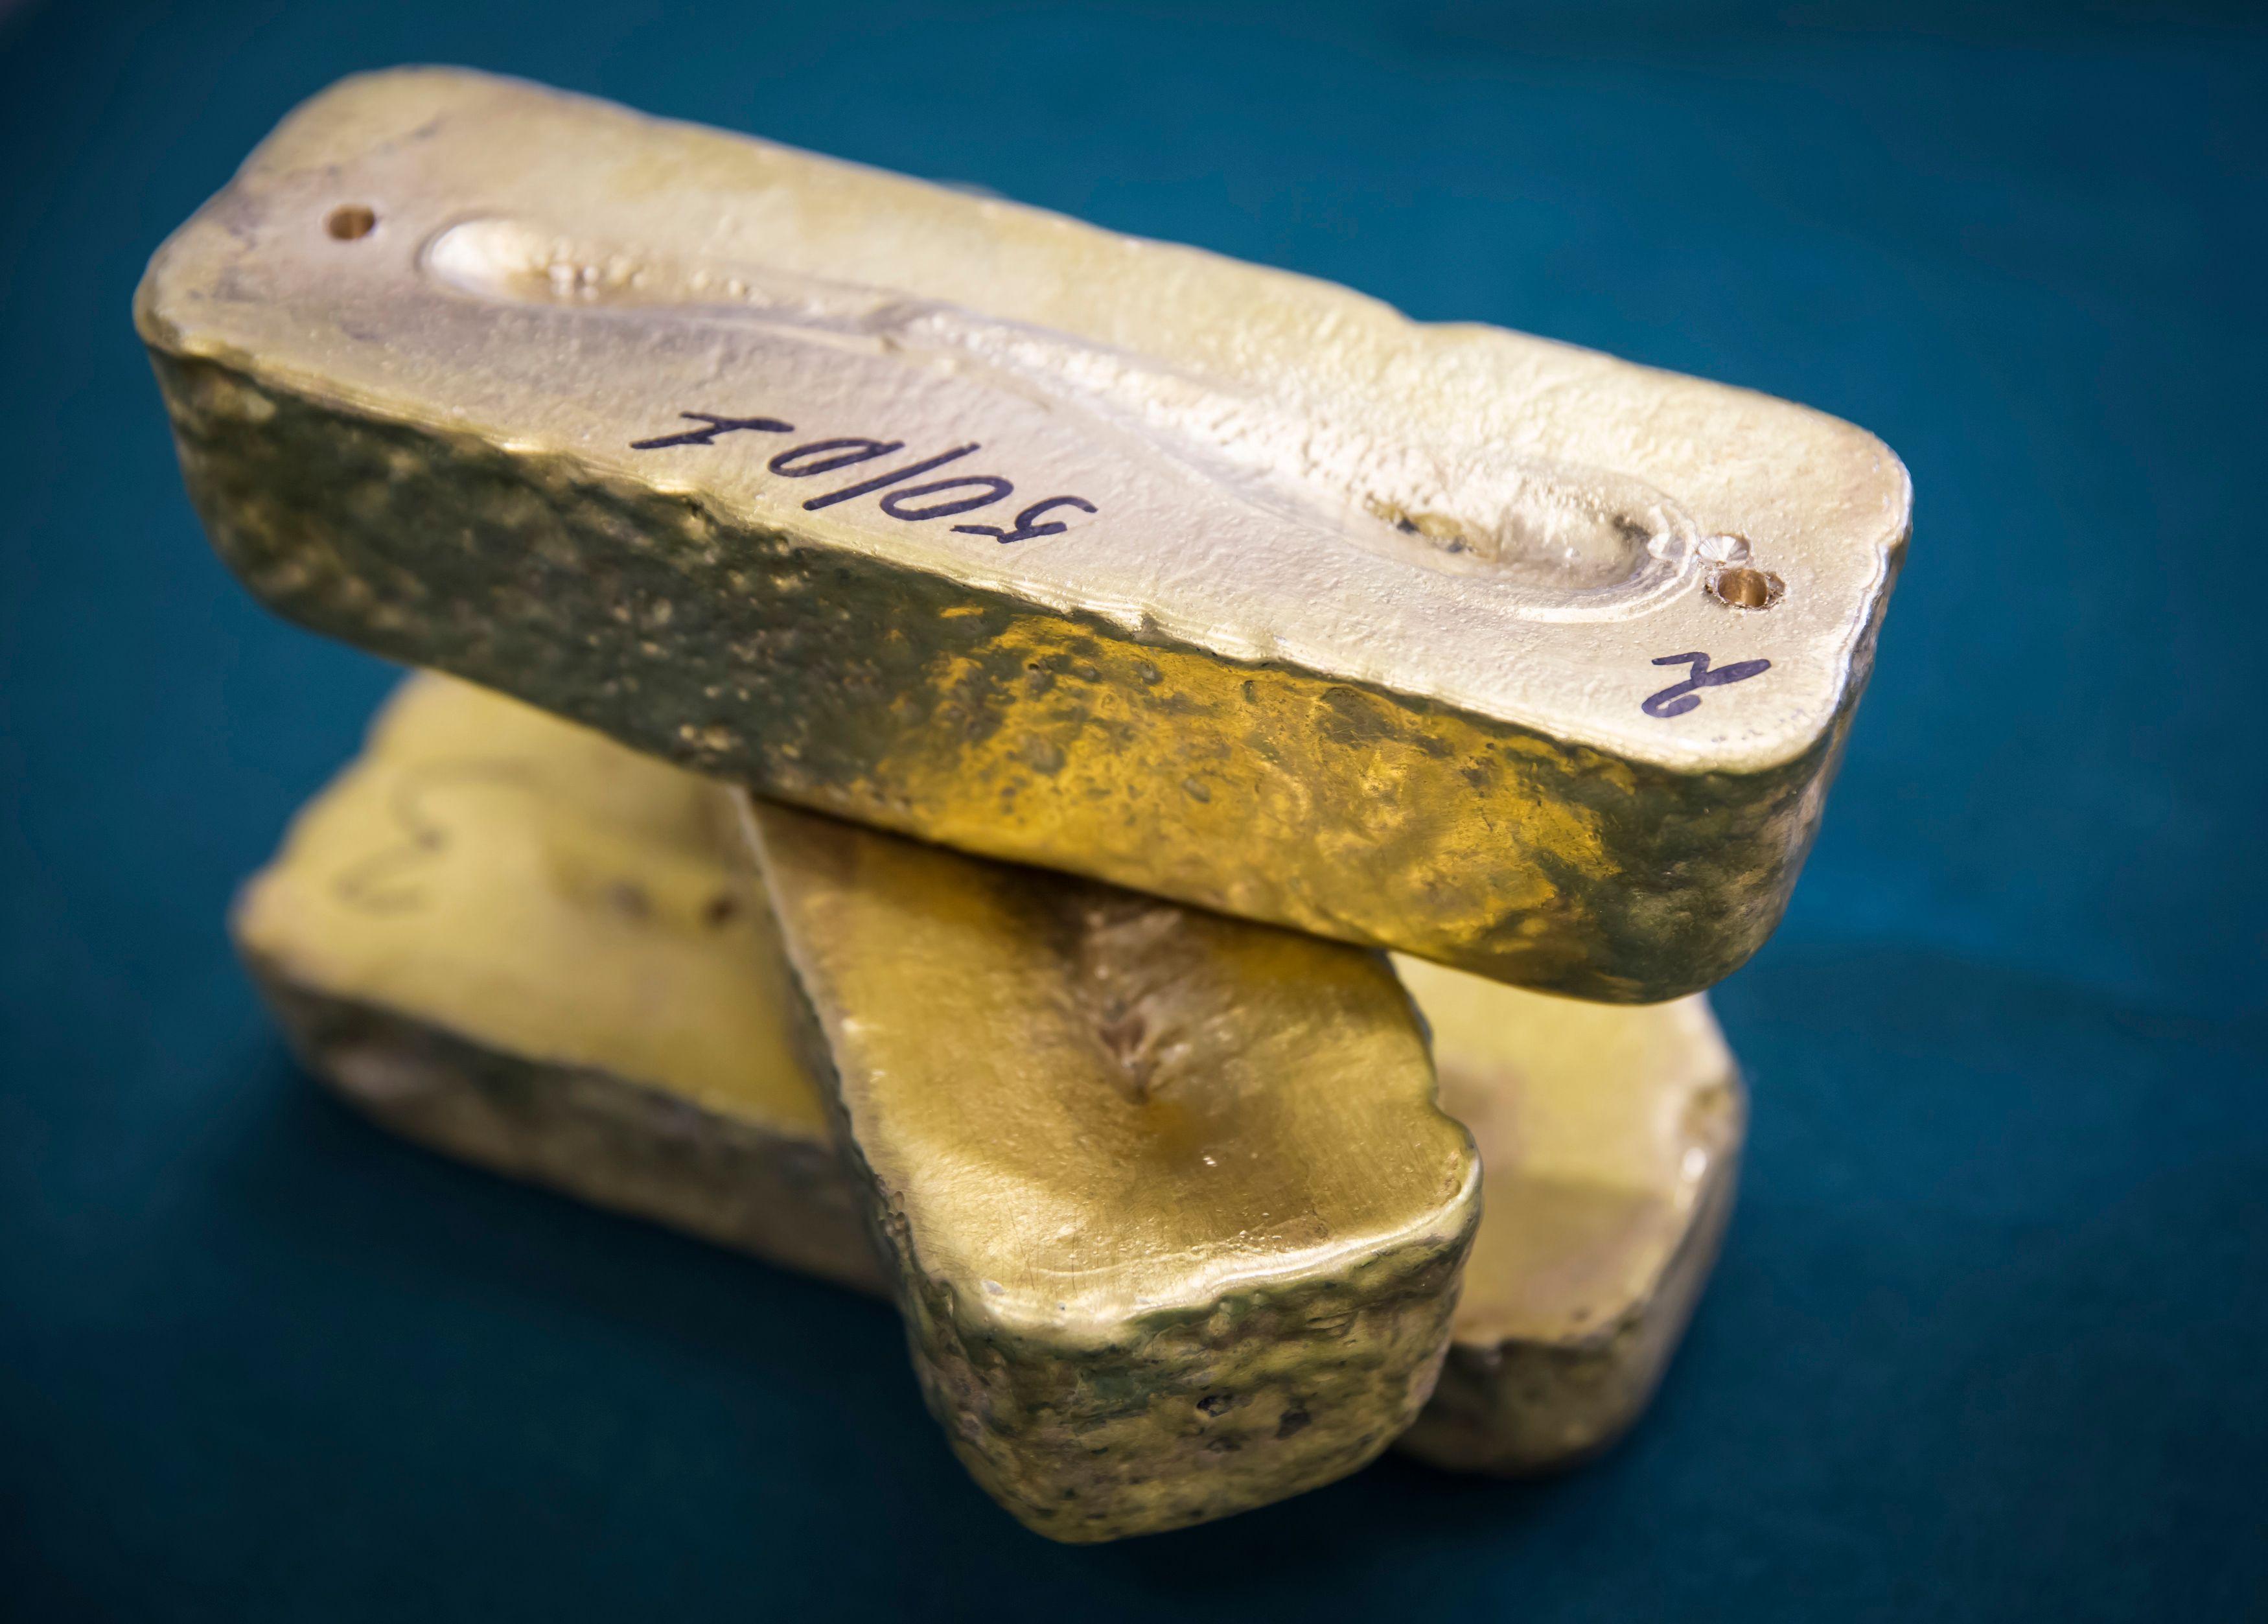 Le marché de l'or est agité ces derniers mois de mouvements des plus étranges